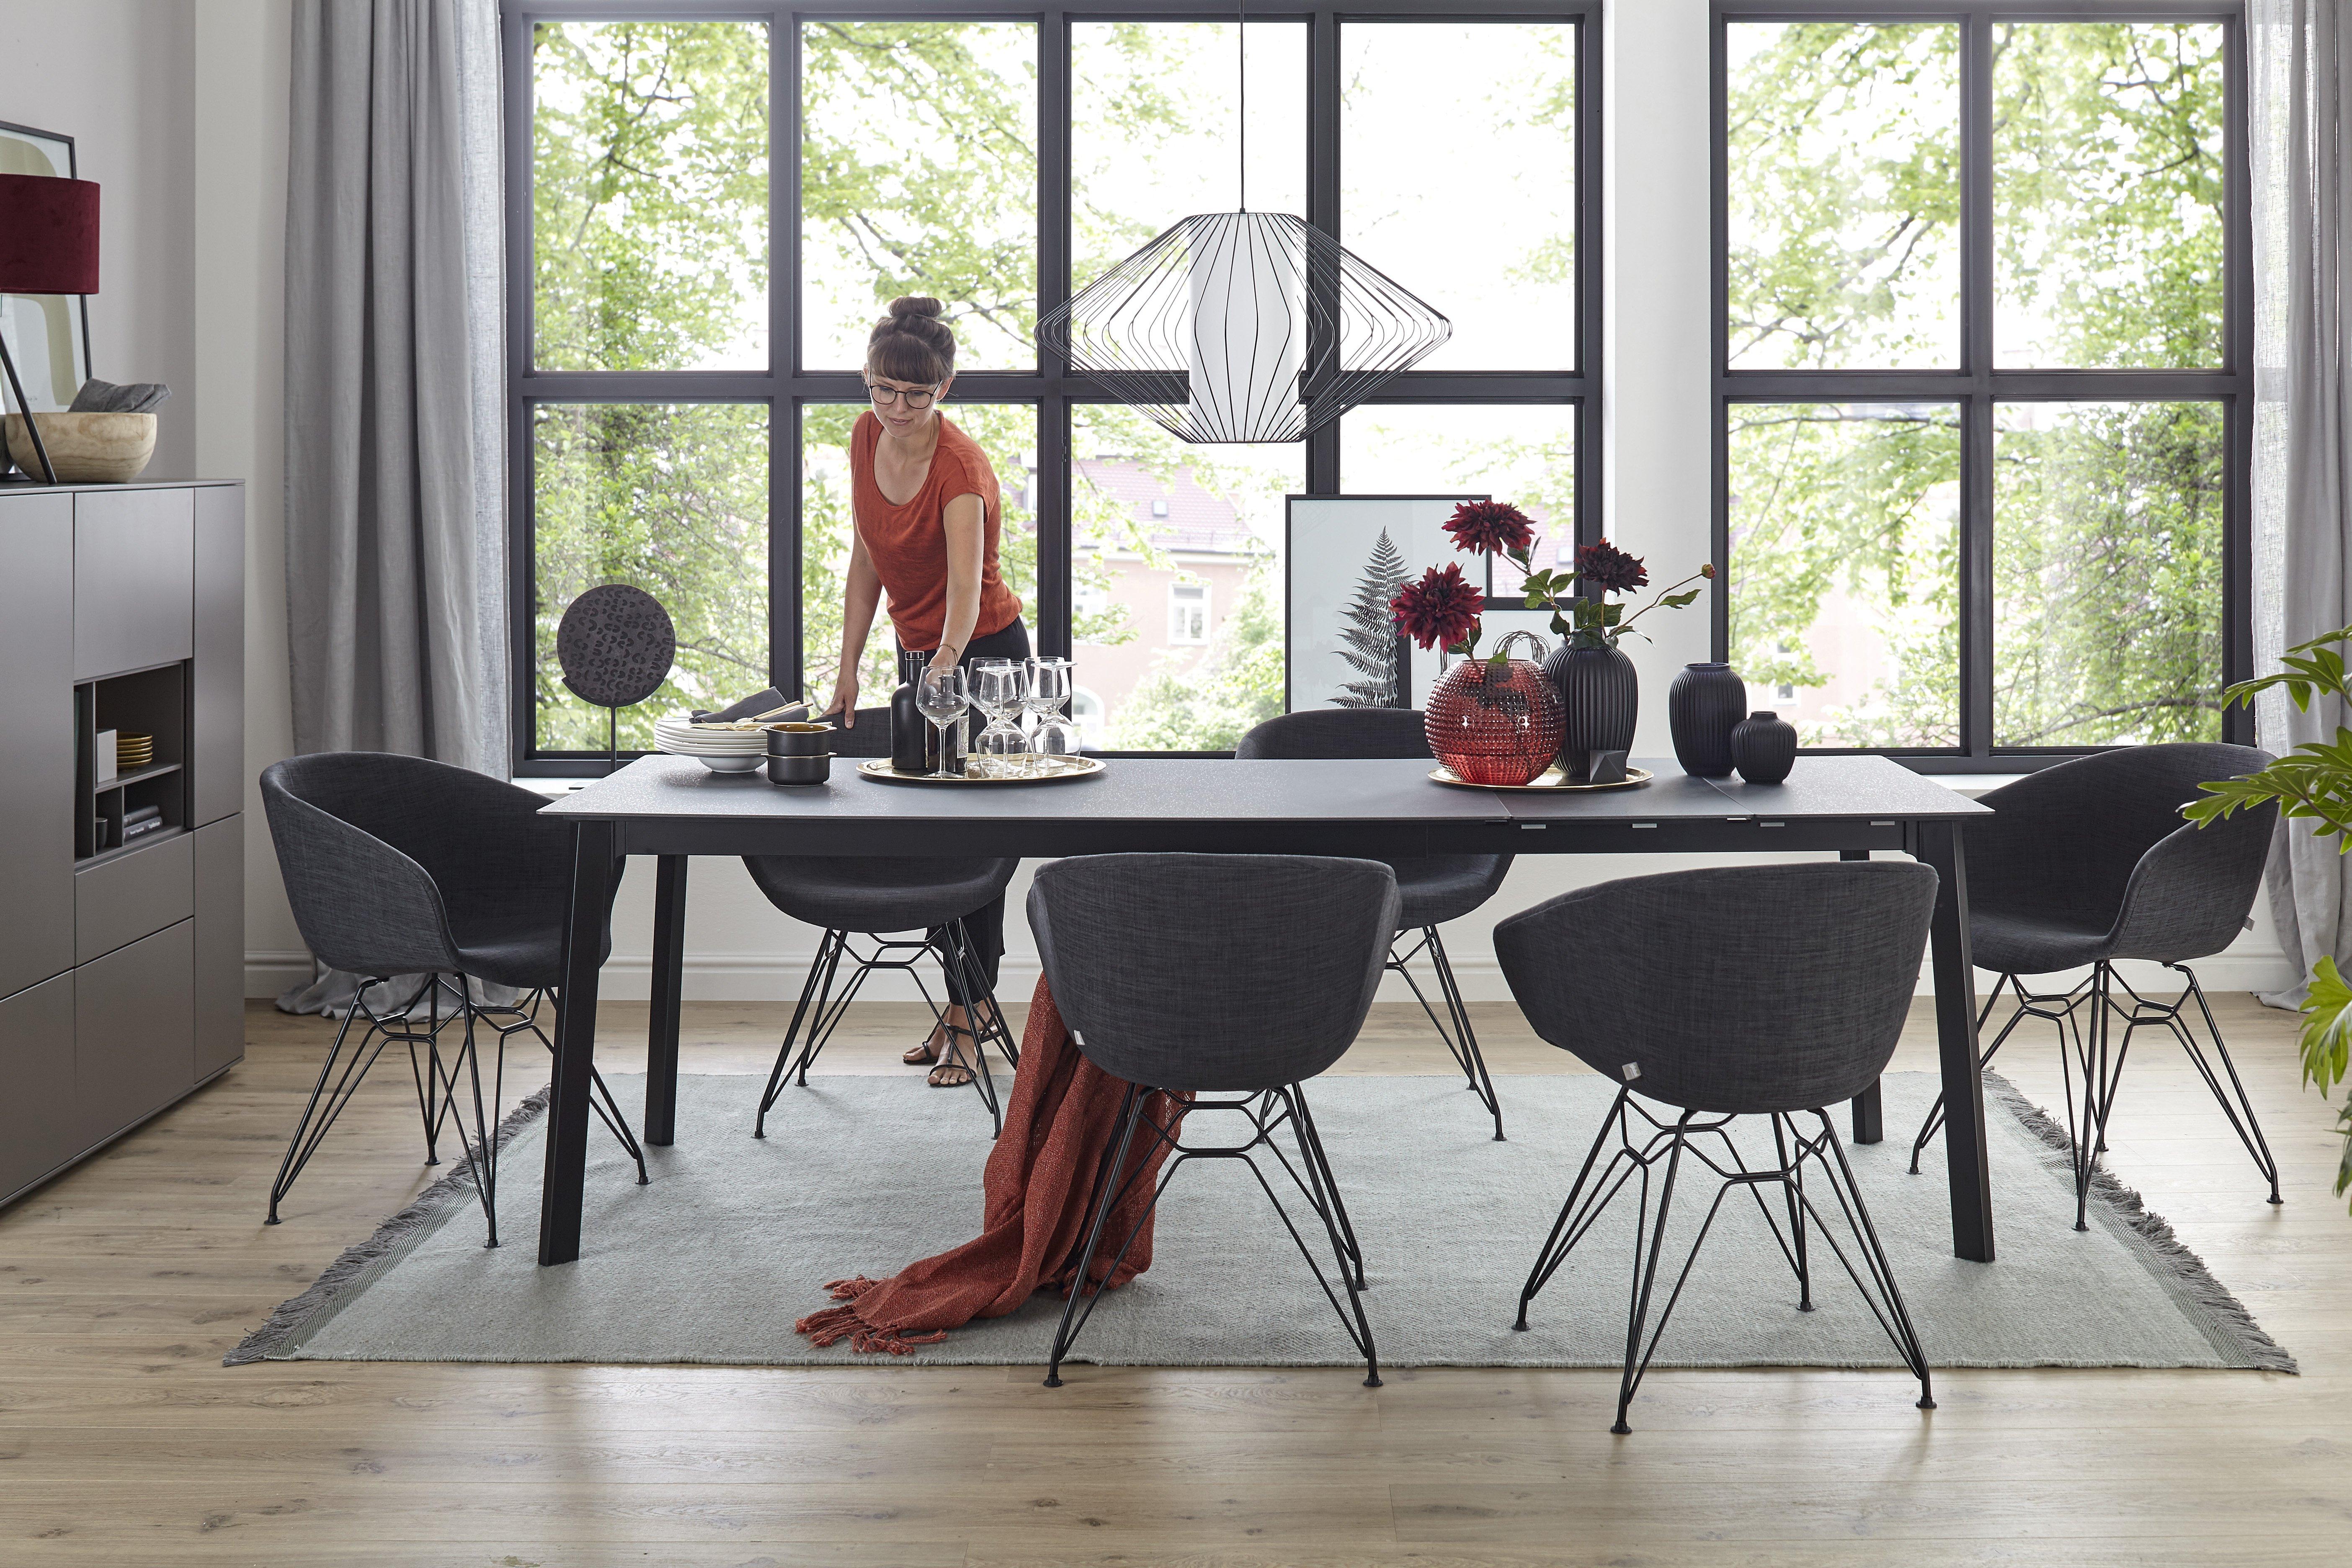 Möbel Aus Worms In Jeder Form Und Farbe Möbel Gradinger